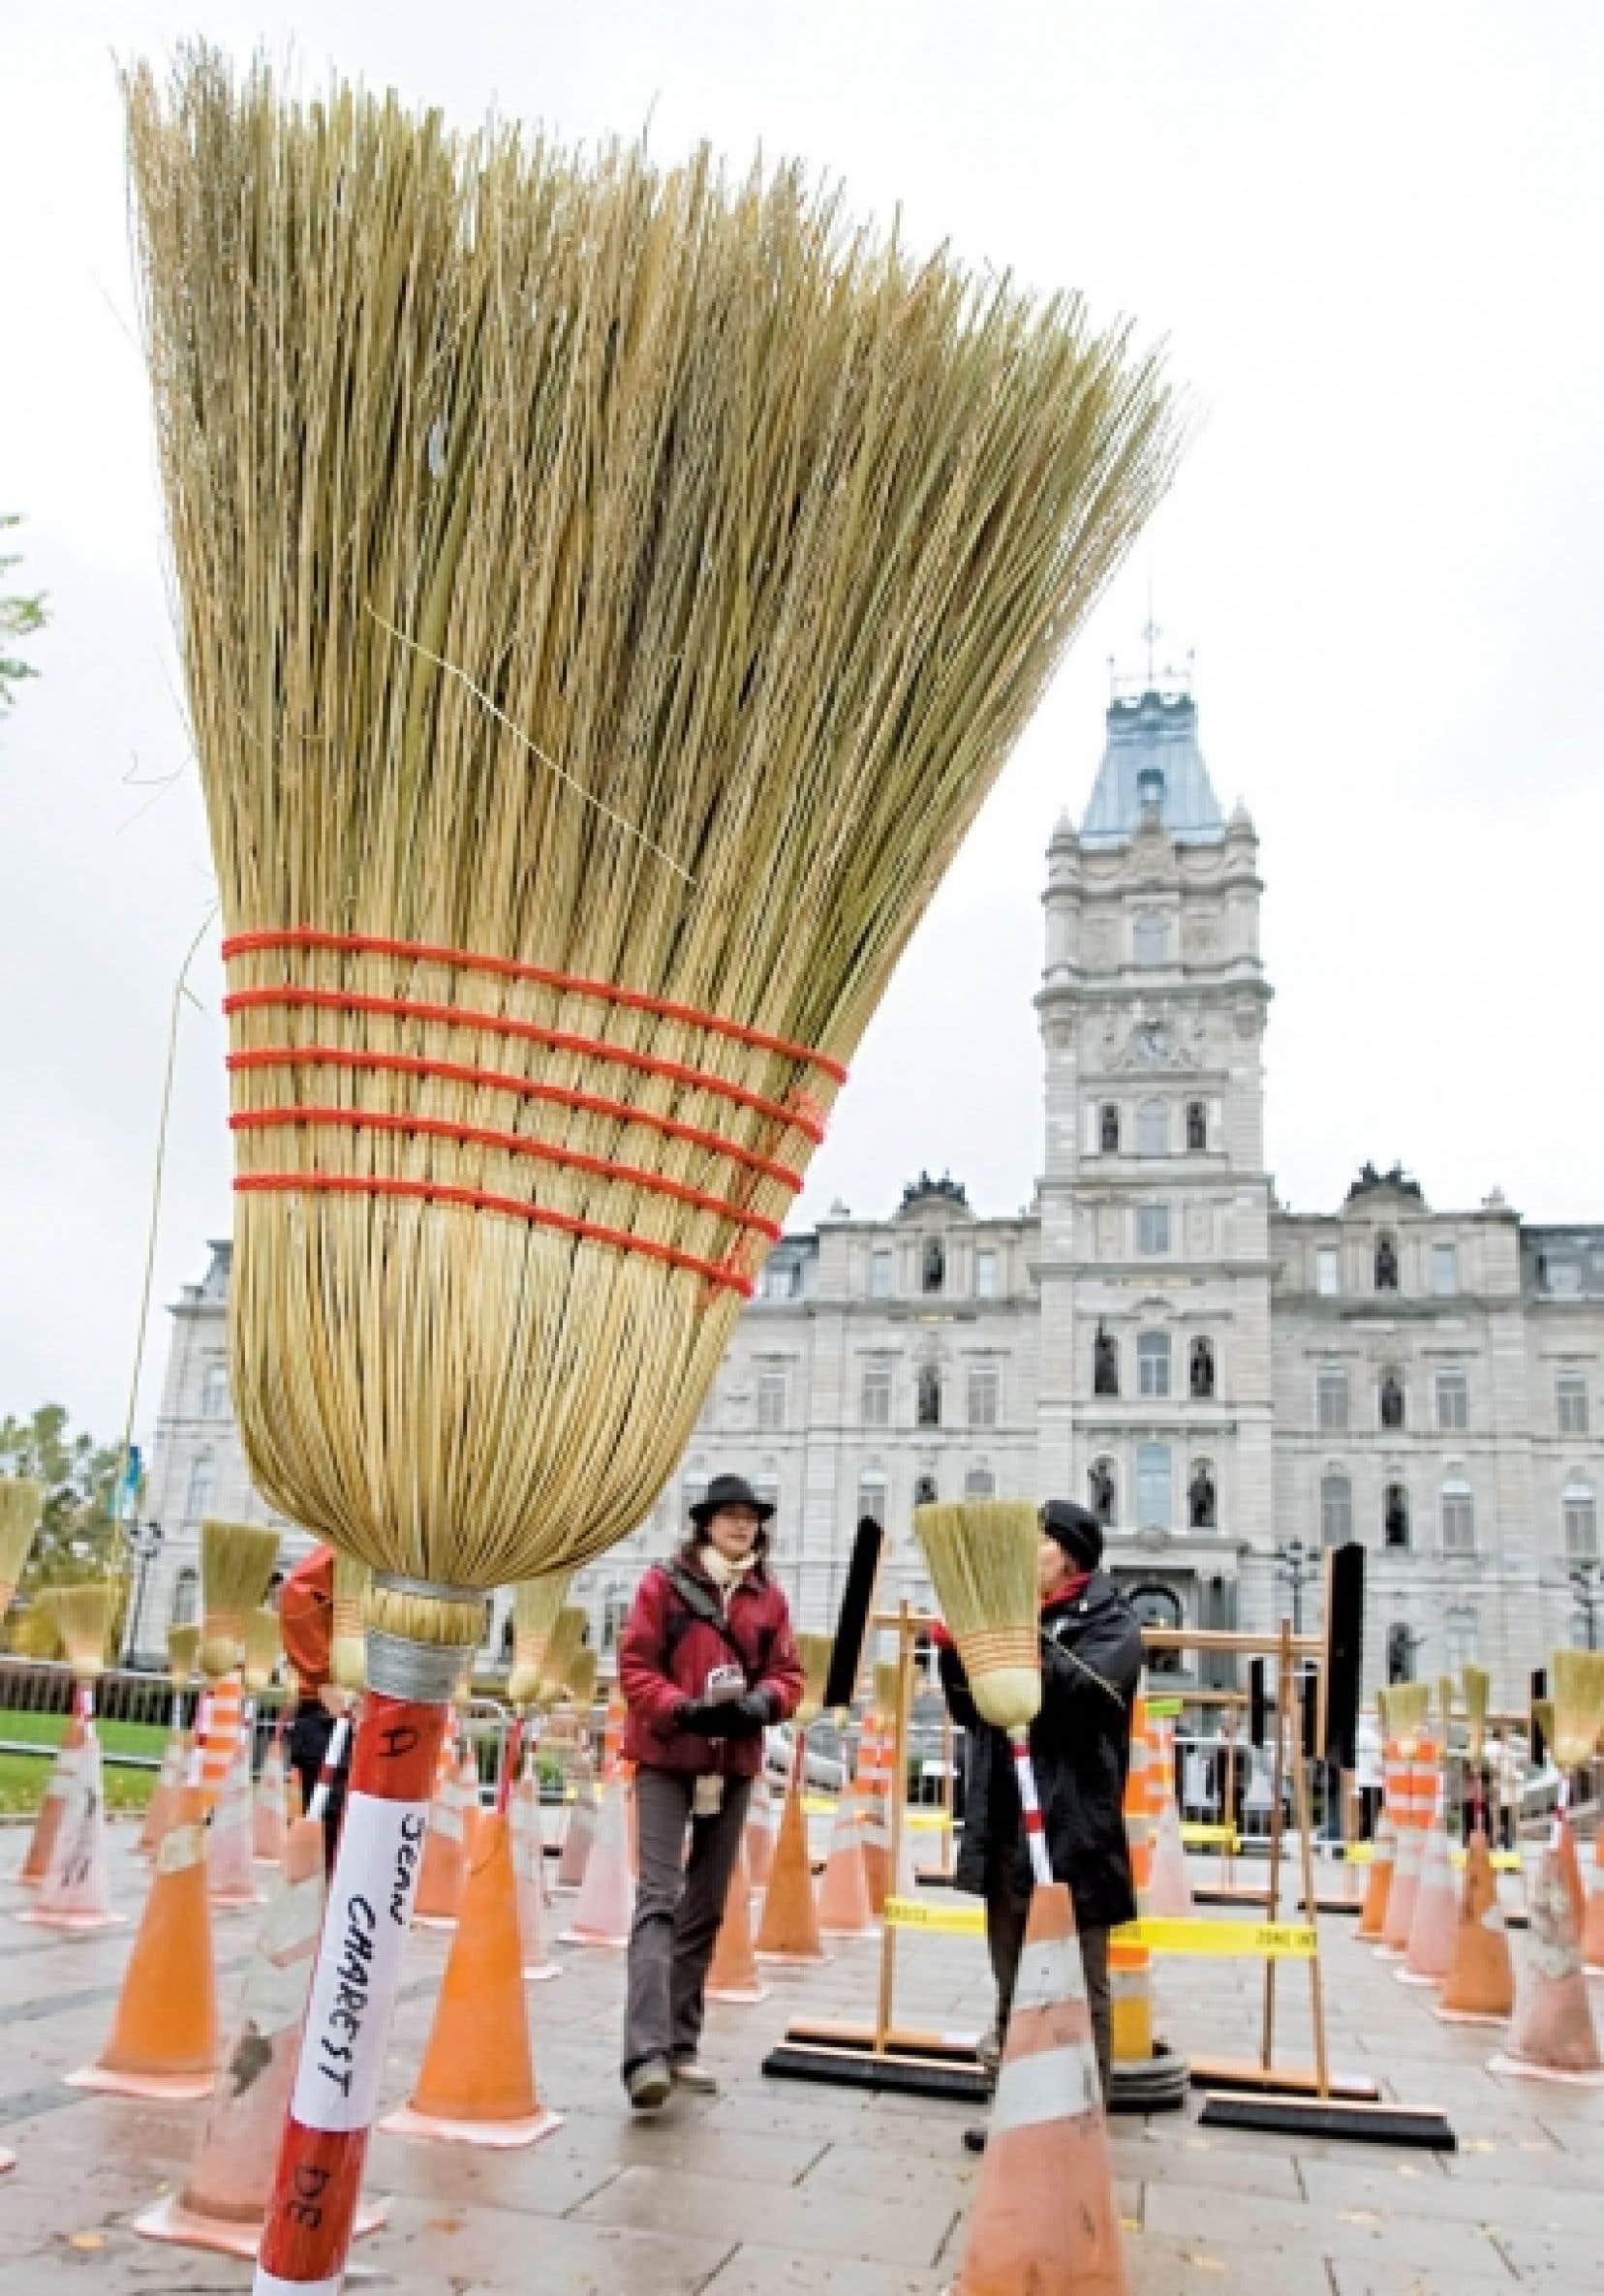 L'organisation Génération d'idées a eu l'idée récemment d'installer 260 balais devant l'Assemblée nationale, façon originale de réclamer une commission d'enquête sur l'industrie de la construction.